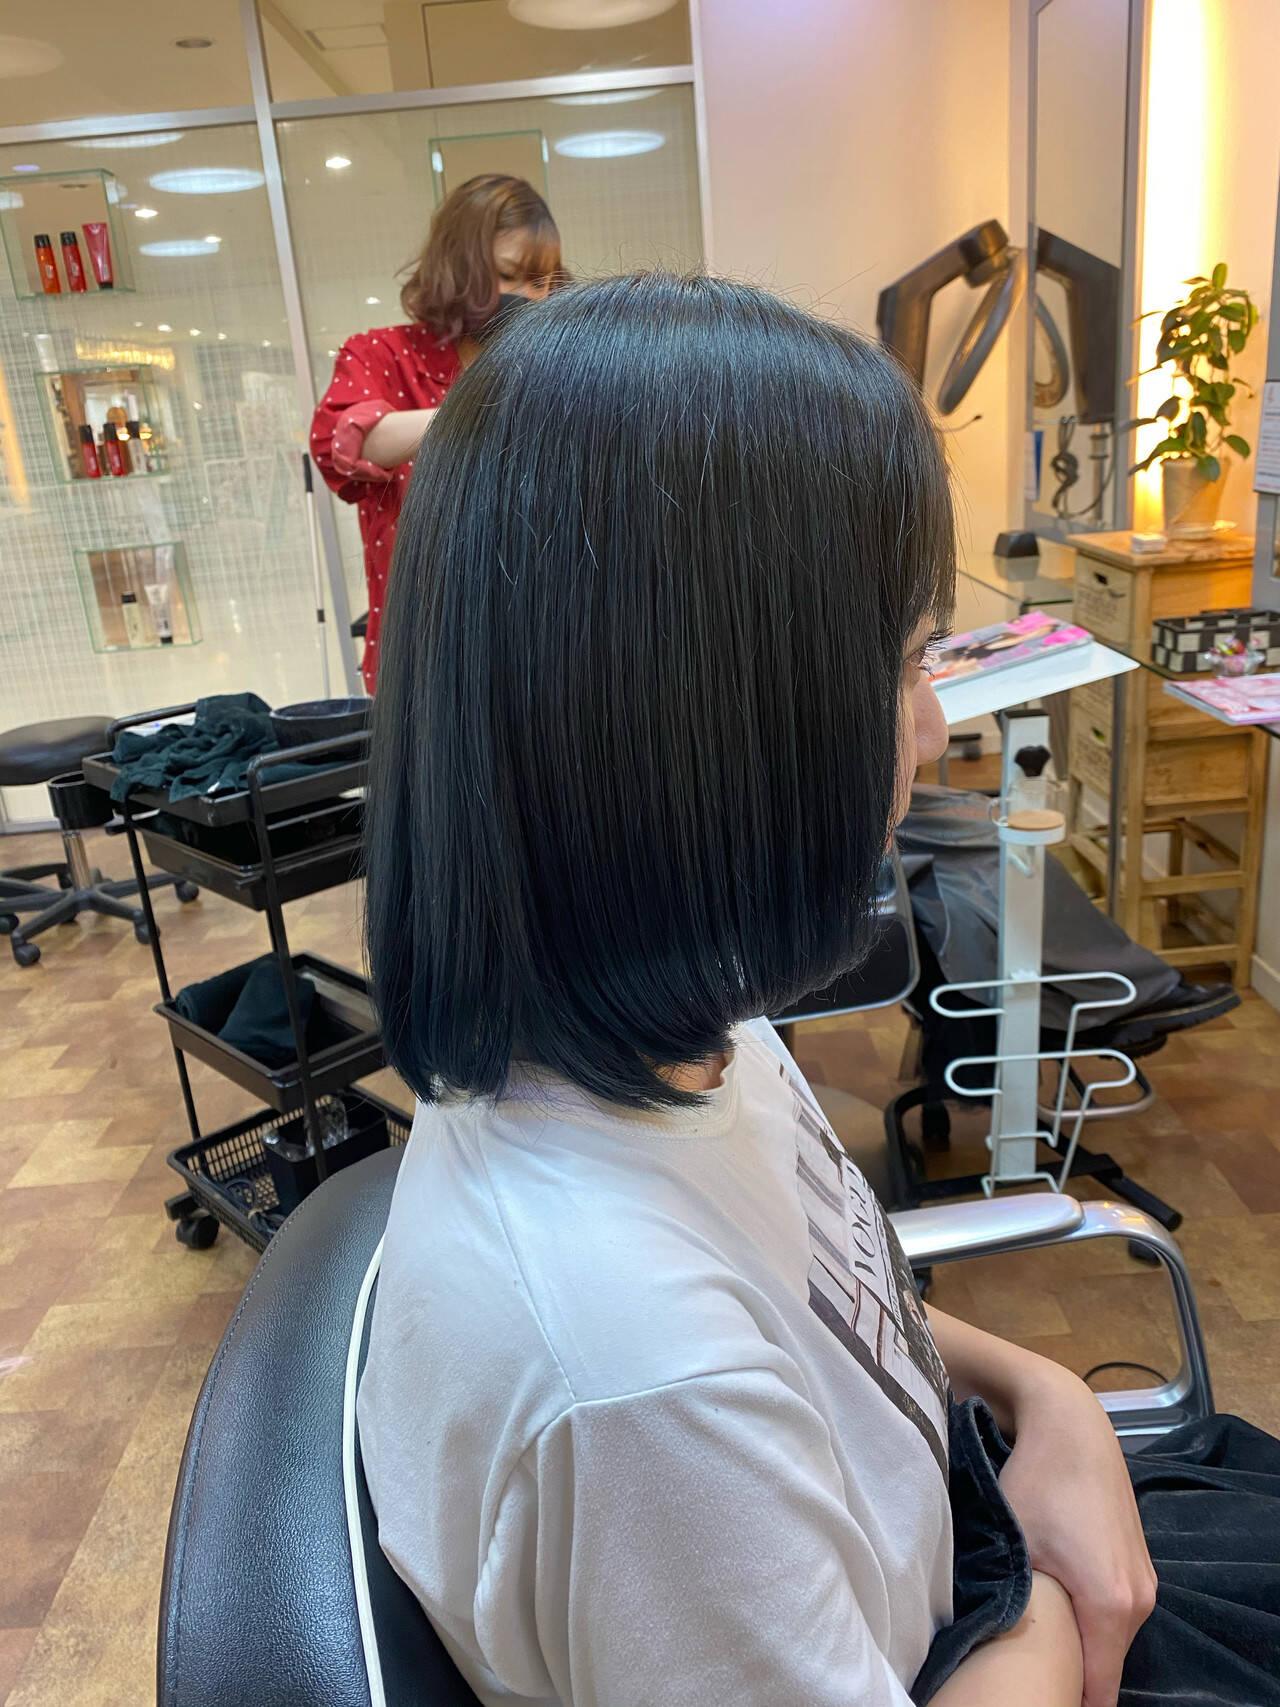 ブルー ブルーグラデーション ネイビーブルー ブルーブラックヘアスタイルや髪型の写真・画像